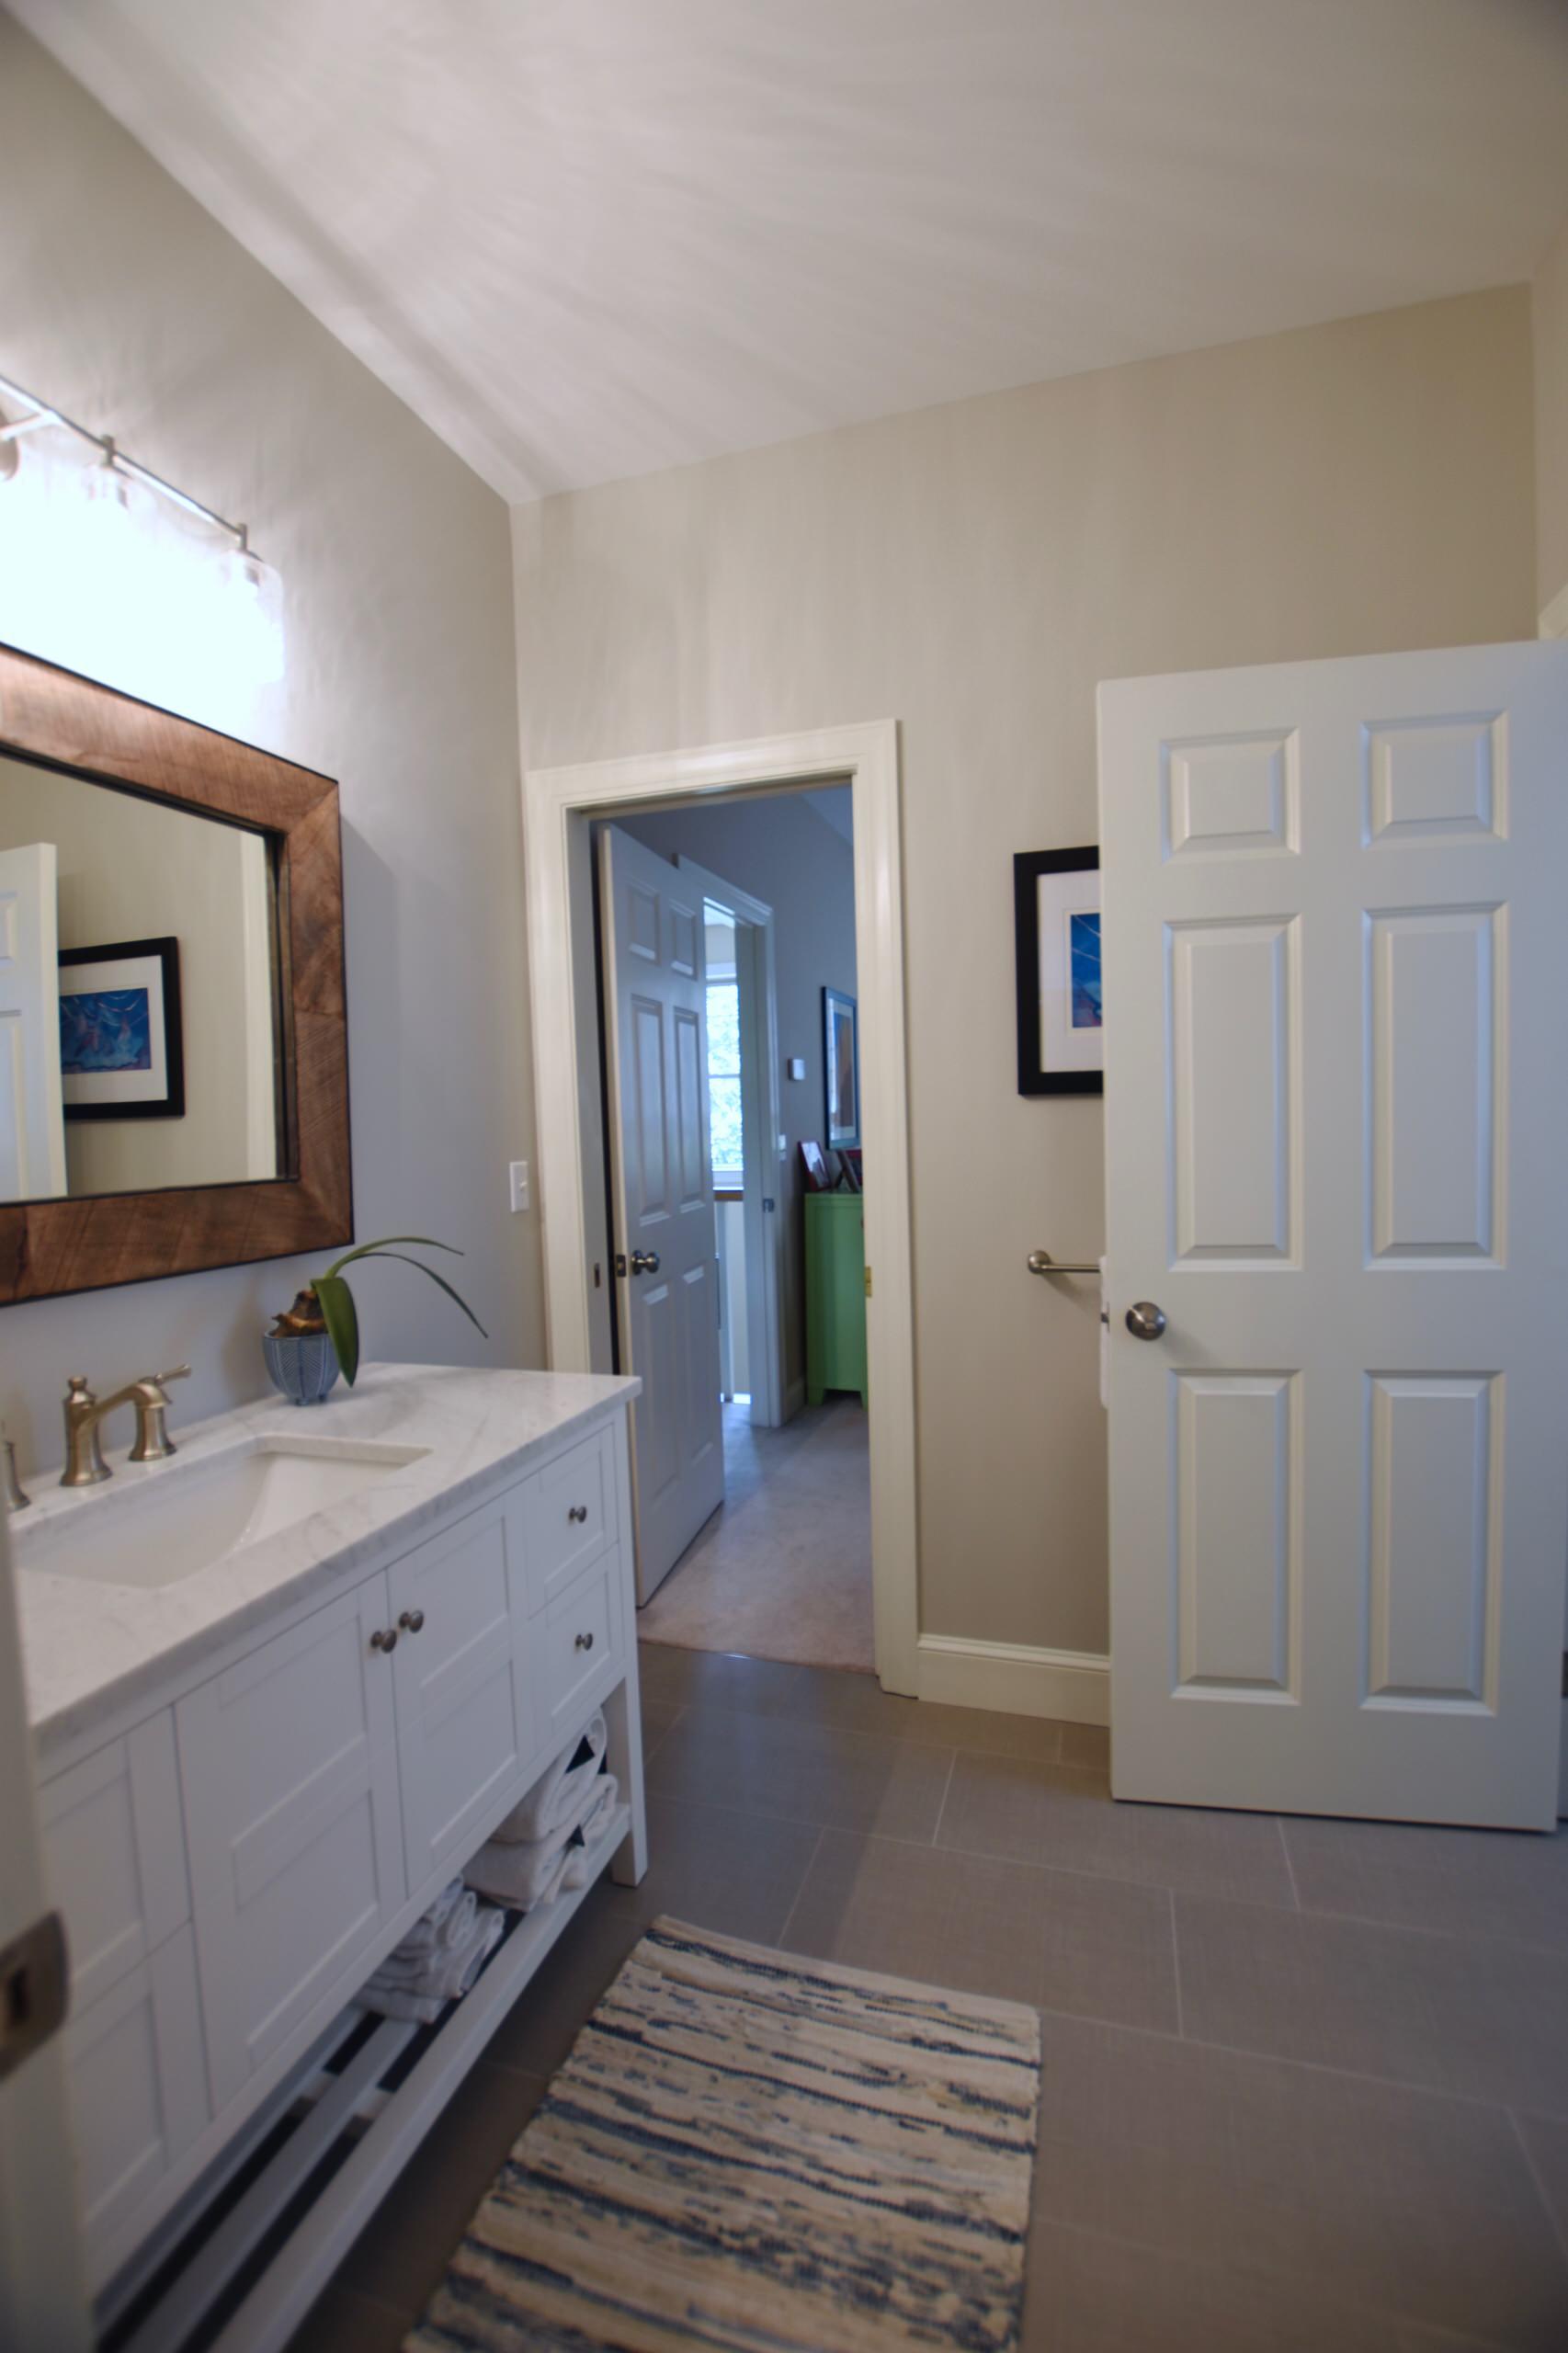 Jack & Jill Bathroom Renovation